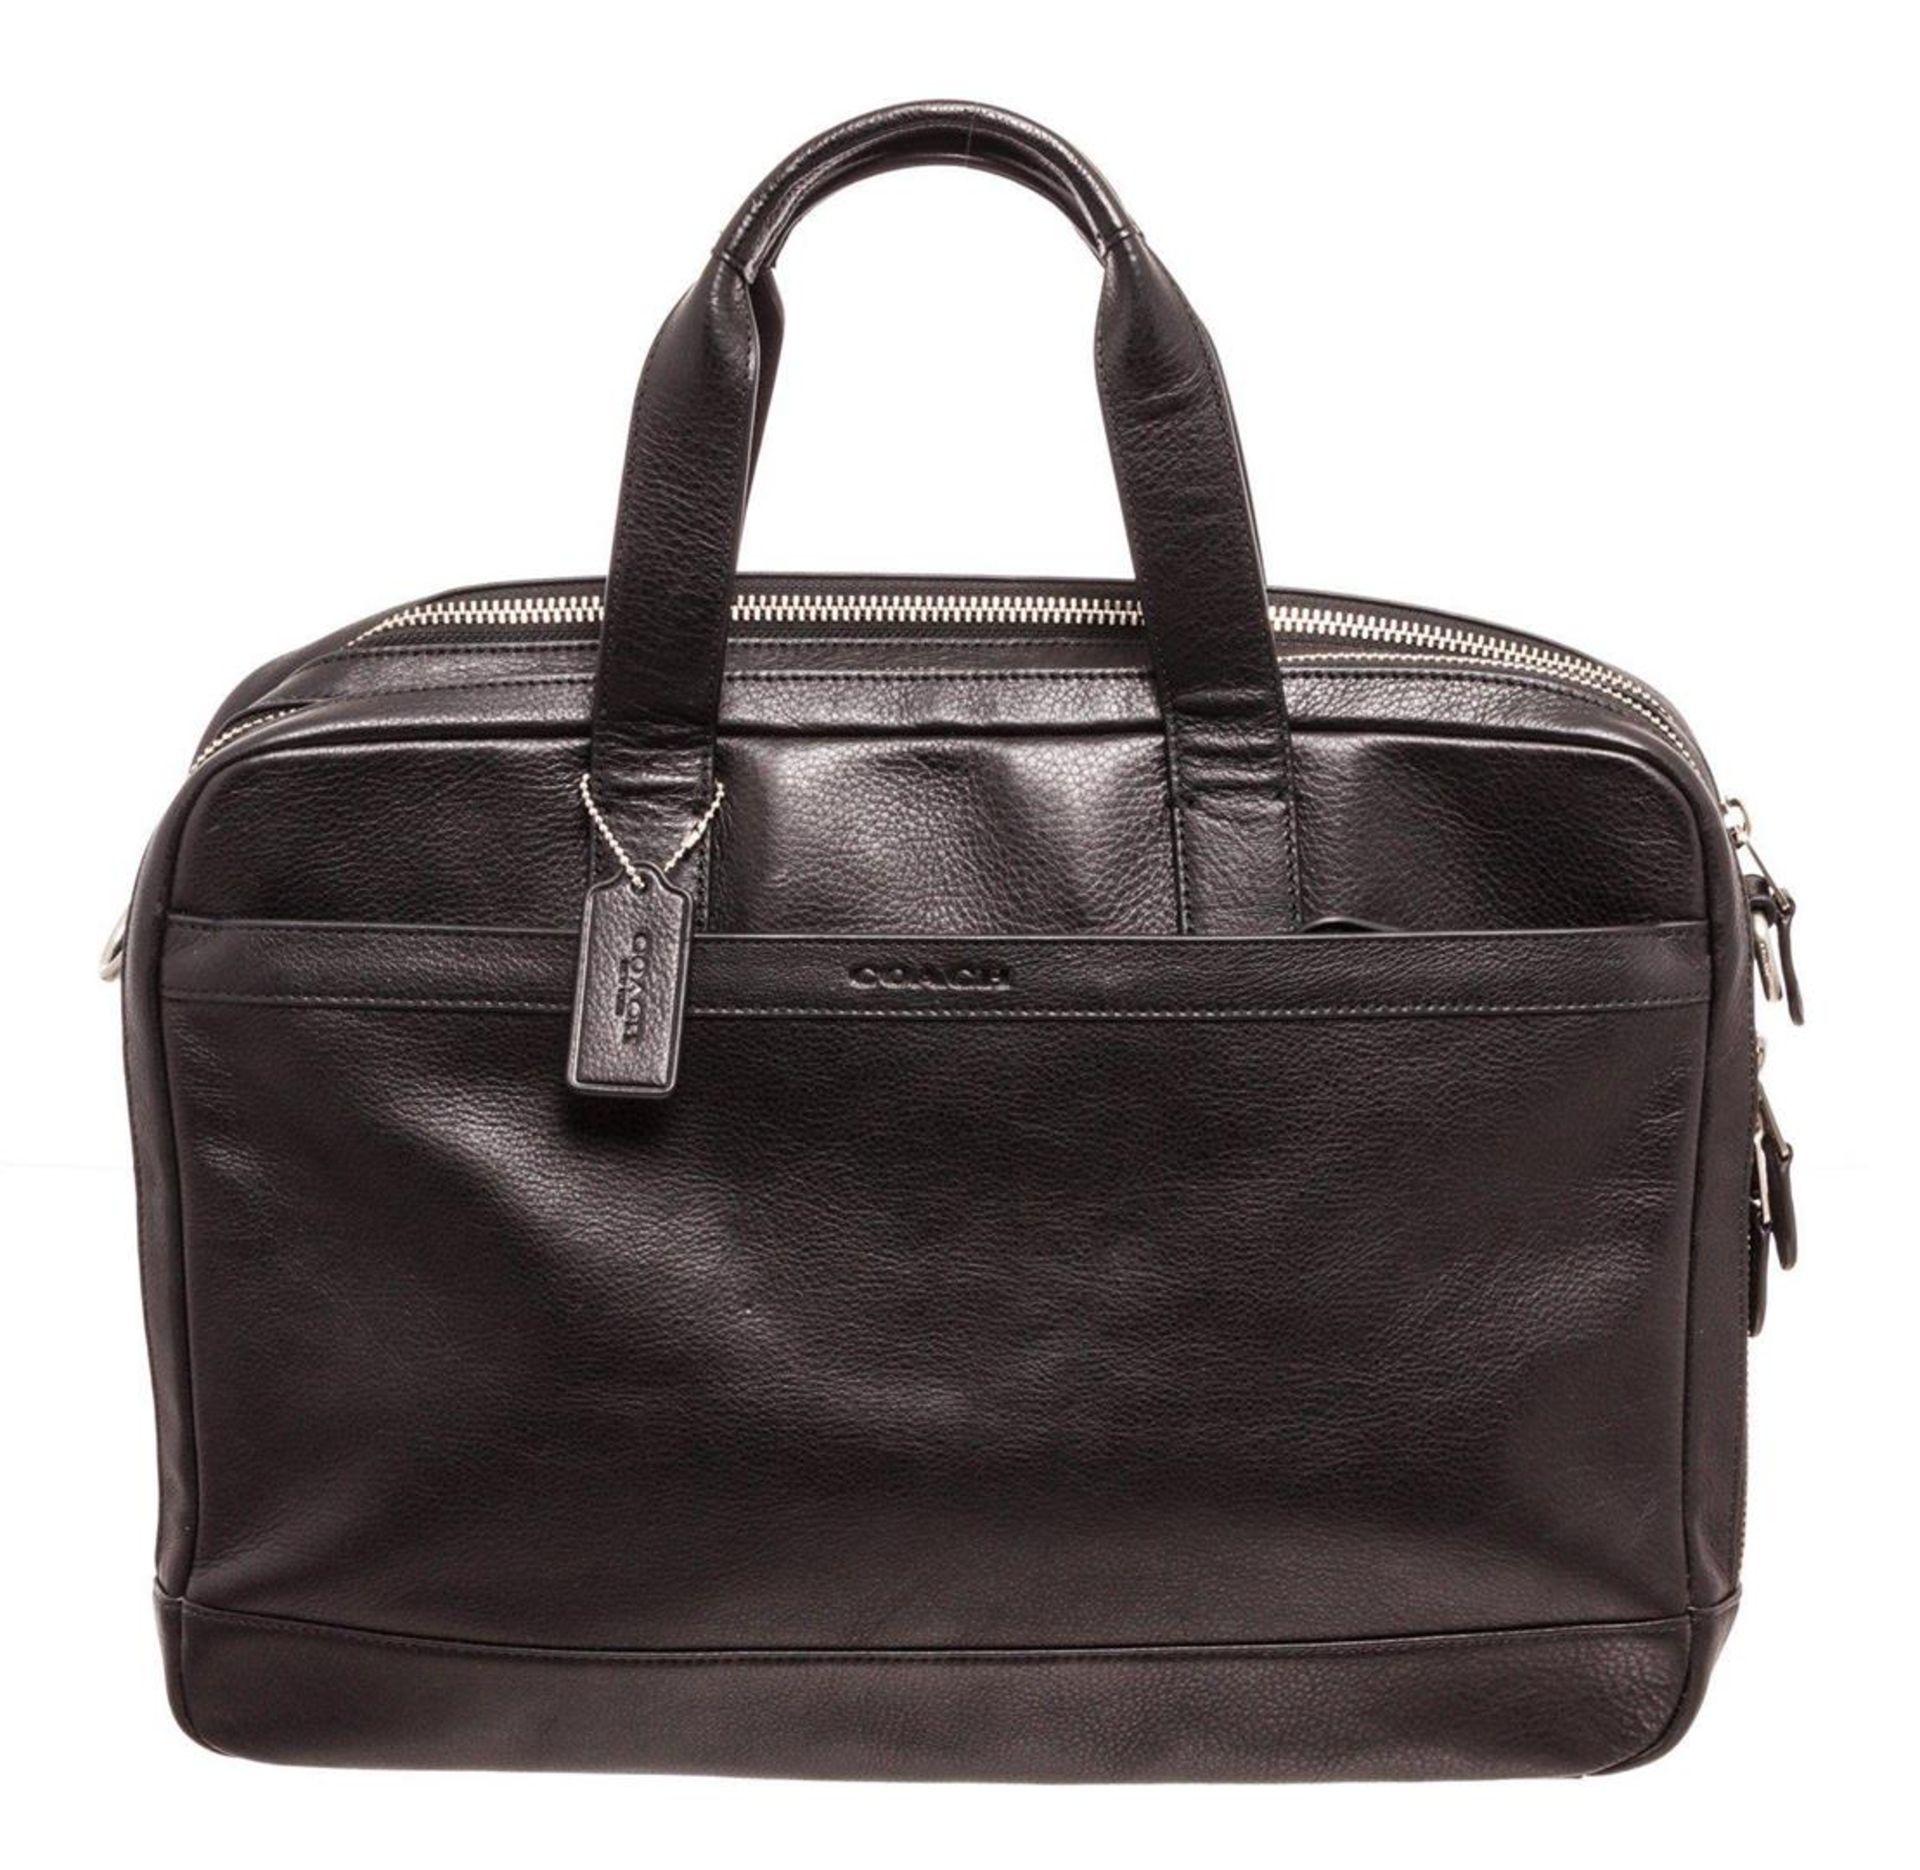 Coach Black Leather Hudson Commuter Messenger Bag